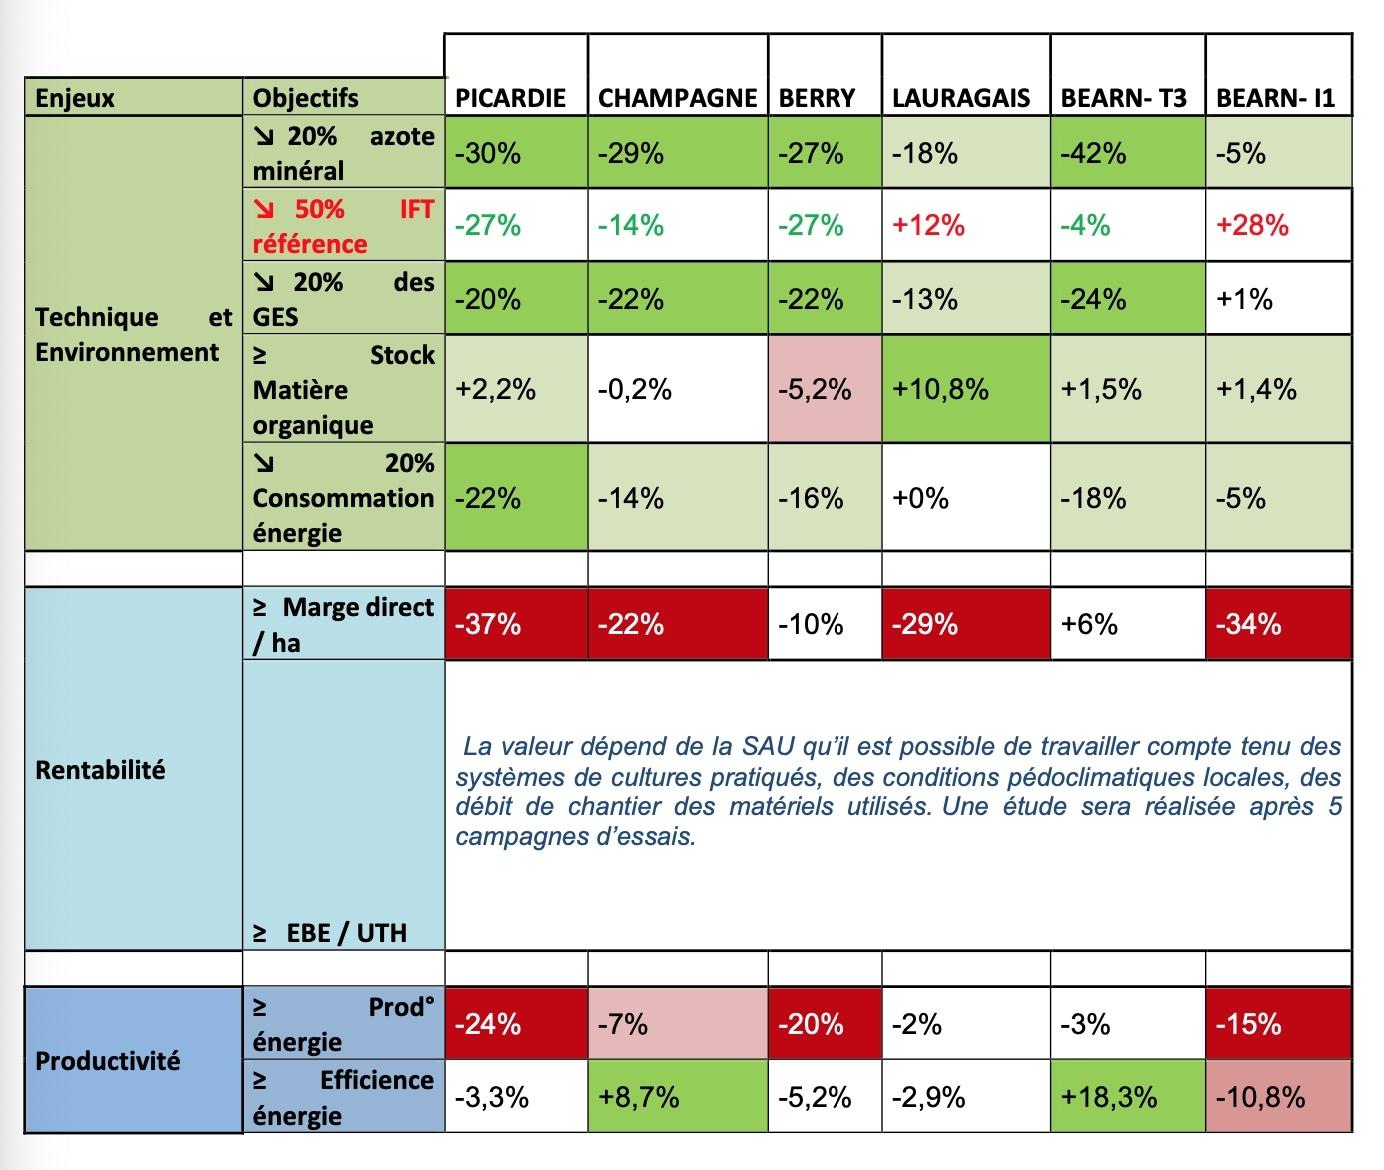 Synthèse des résultats sur 9 indicateurs pour les années 2017, 2018 et 2019